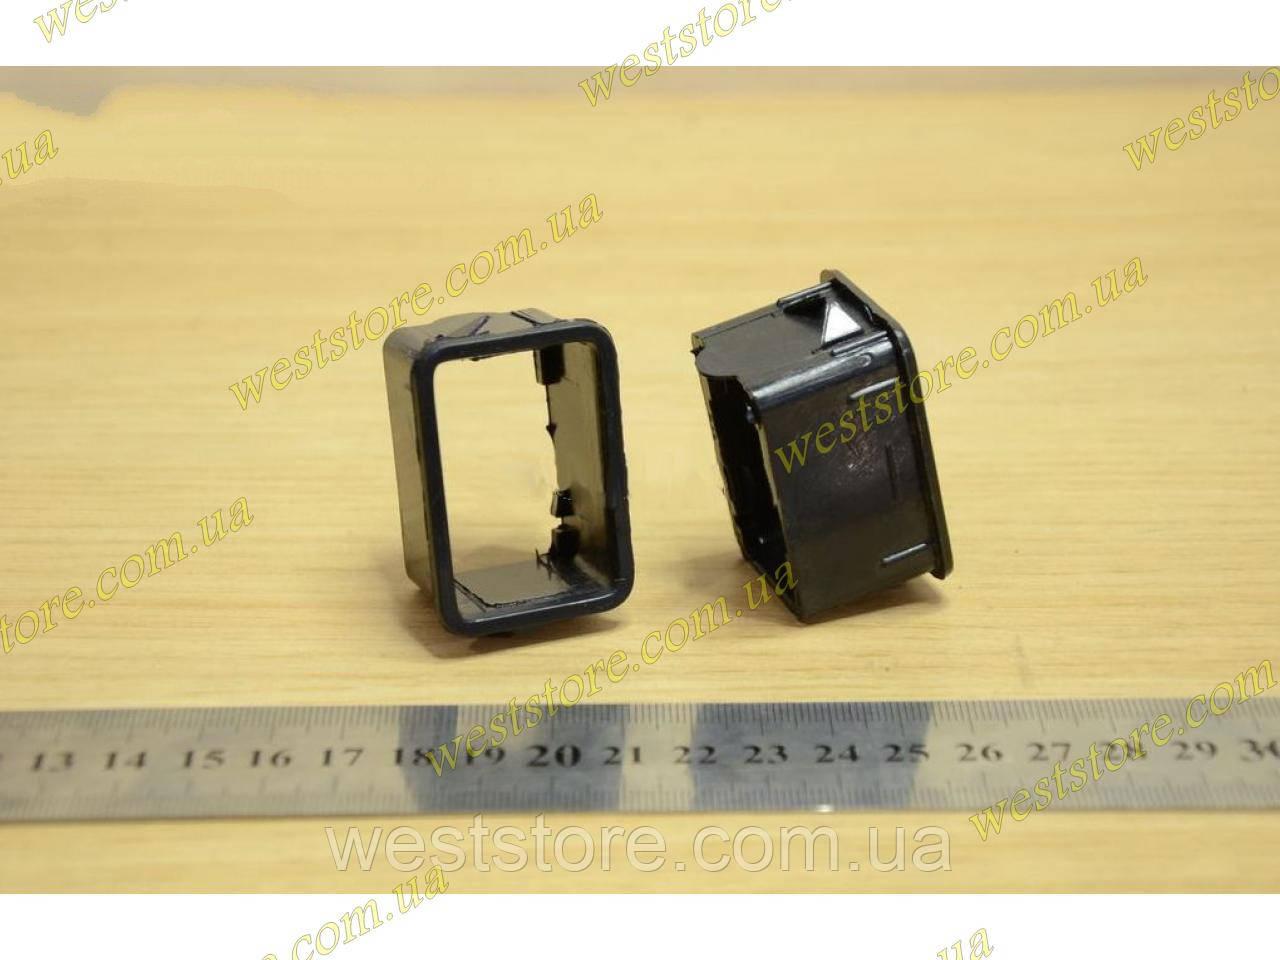 Шахта кнопок переключателя Ваз 2101-2107